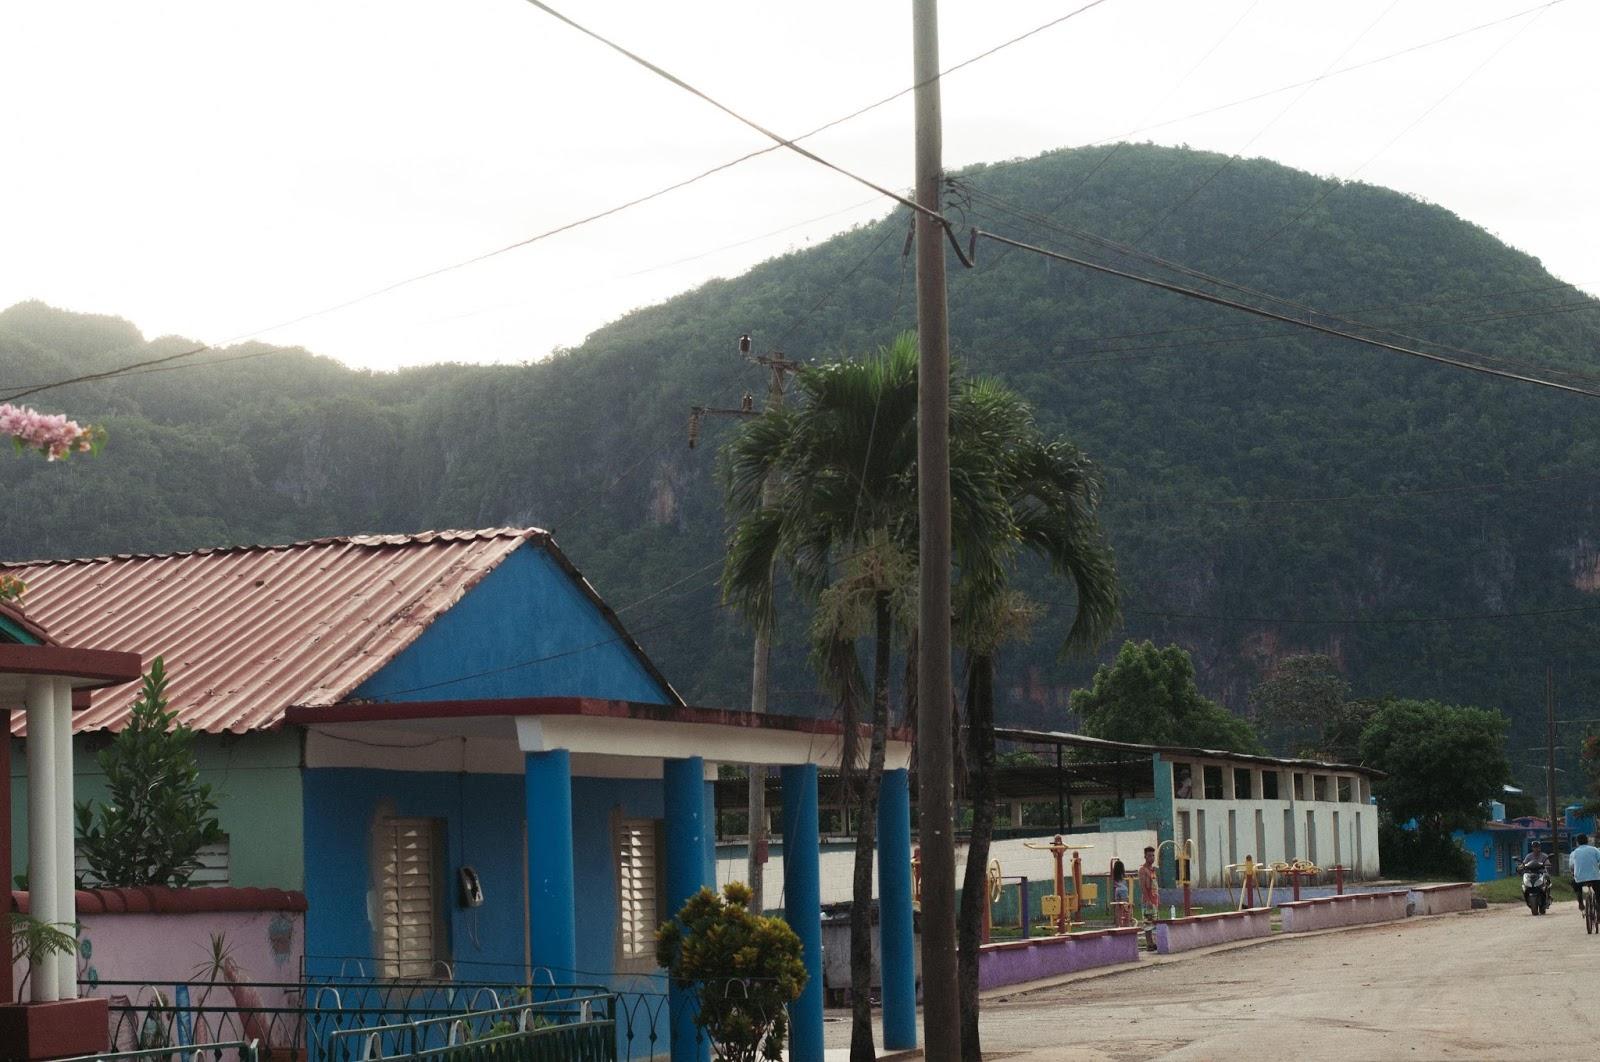 Provincia de Pinar del Río Cuba